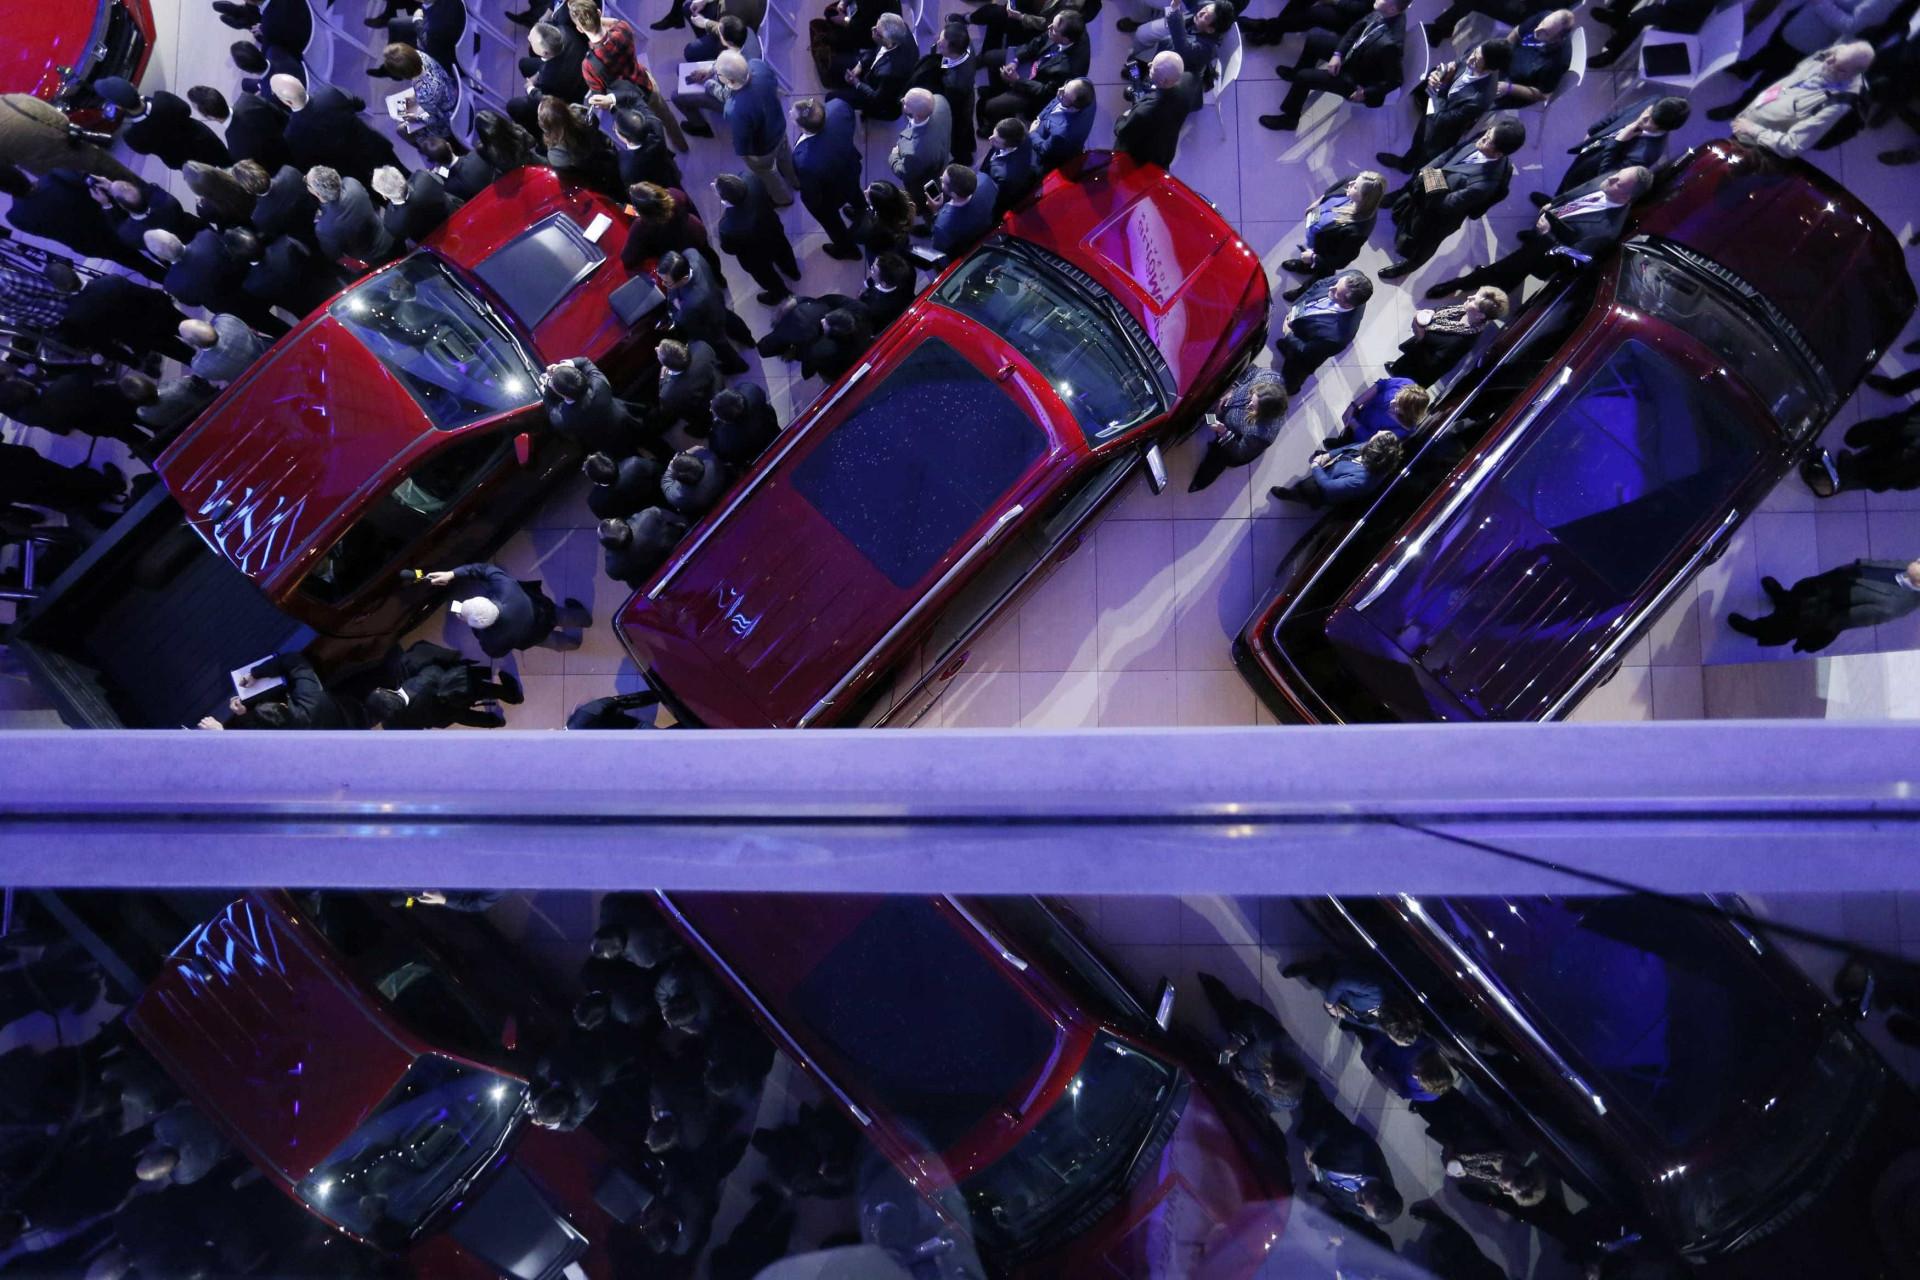 Loucura por automóveis. As melhores imagens da feira de Detroit